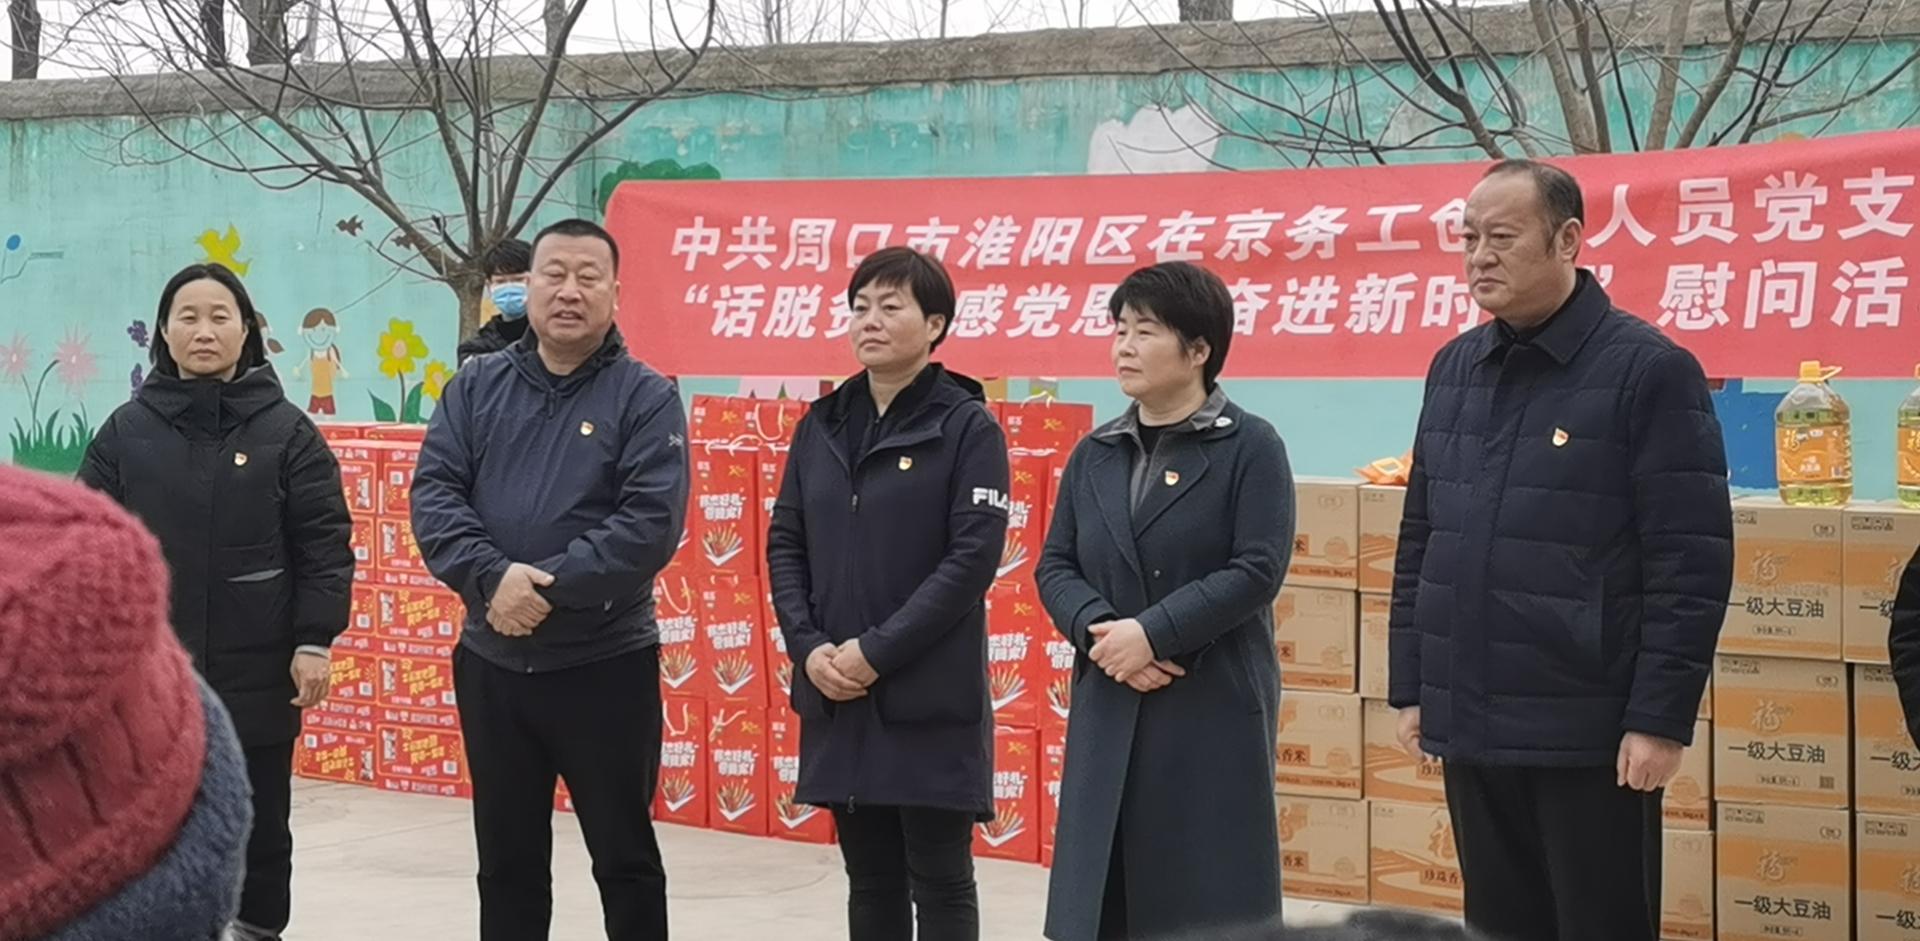 周口淮阳区在京务工创业人员党支部到鲁台镇开展春节慰问乡亲活动